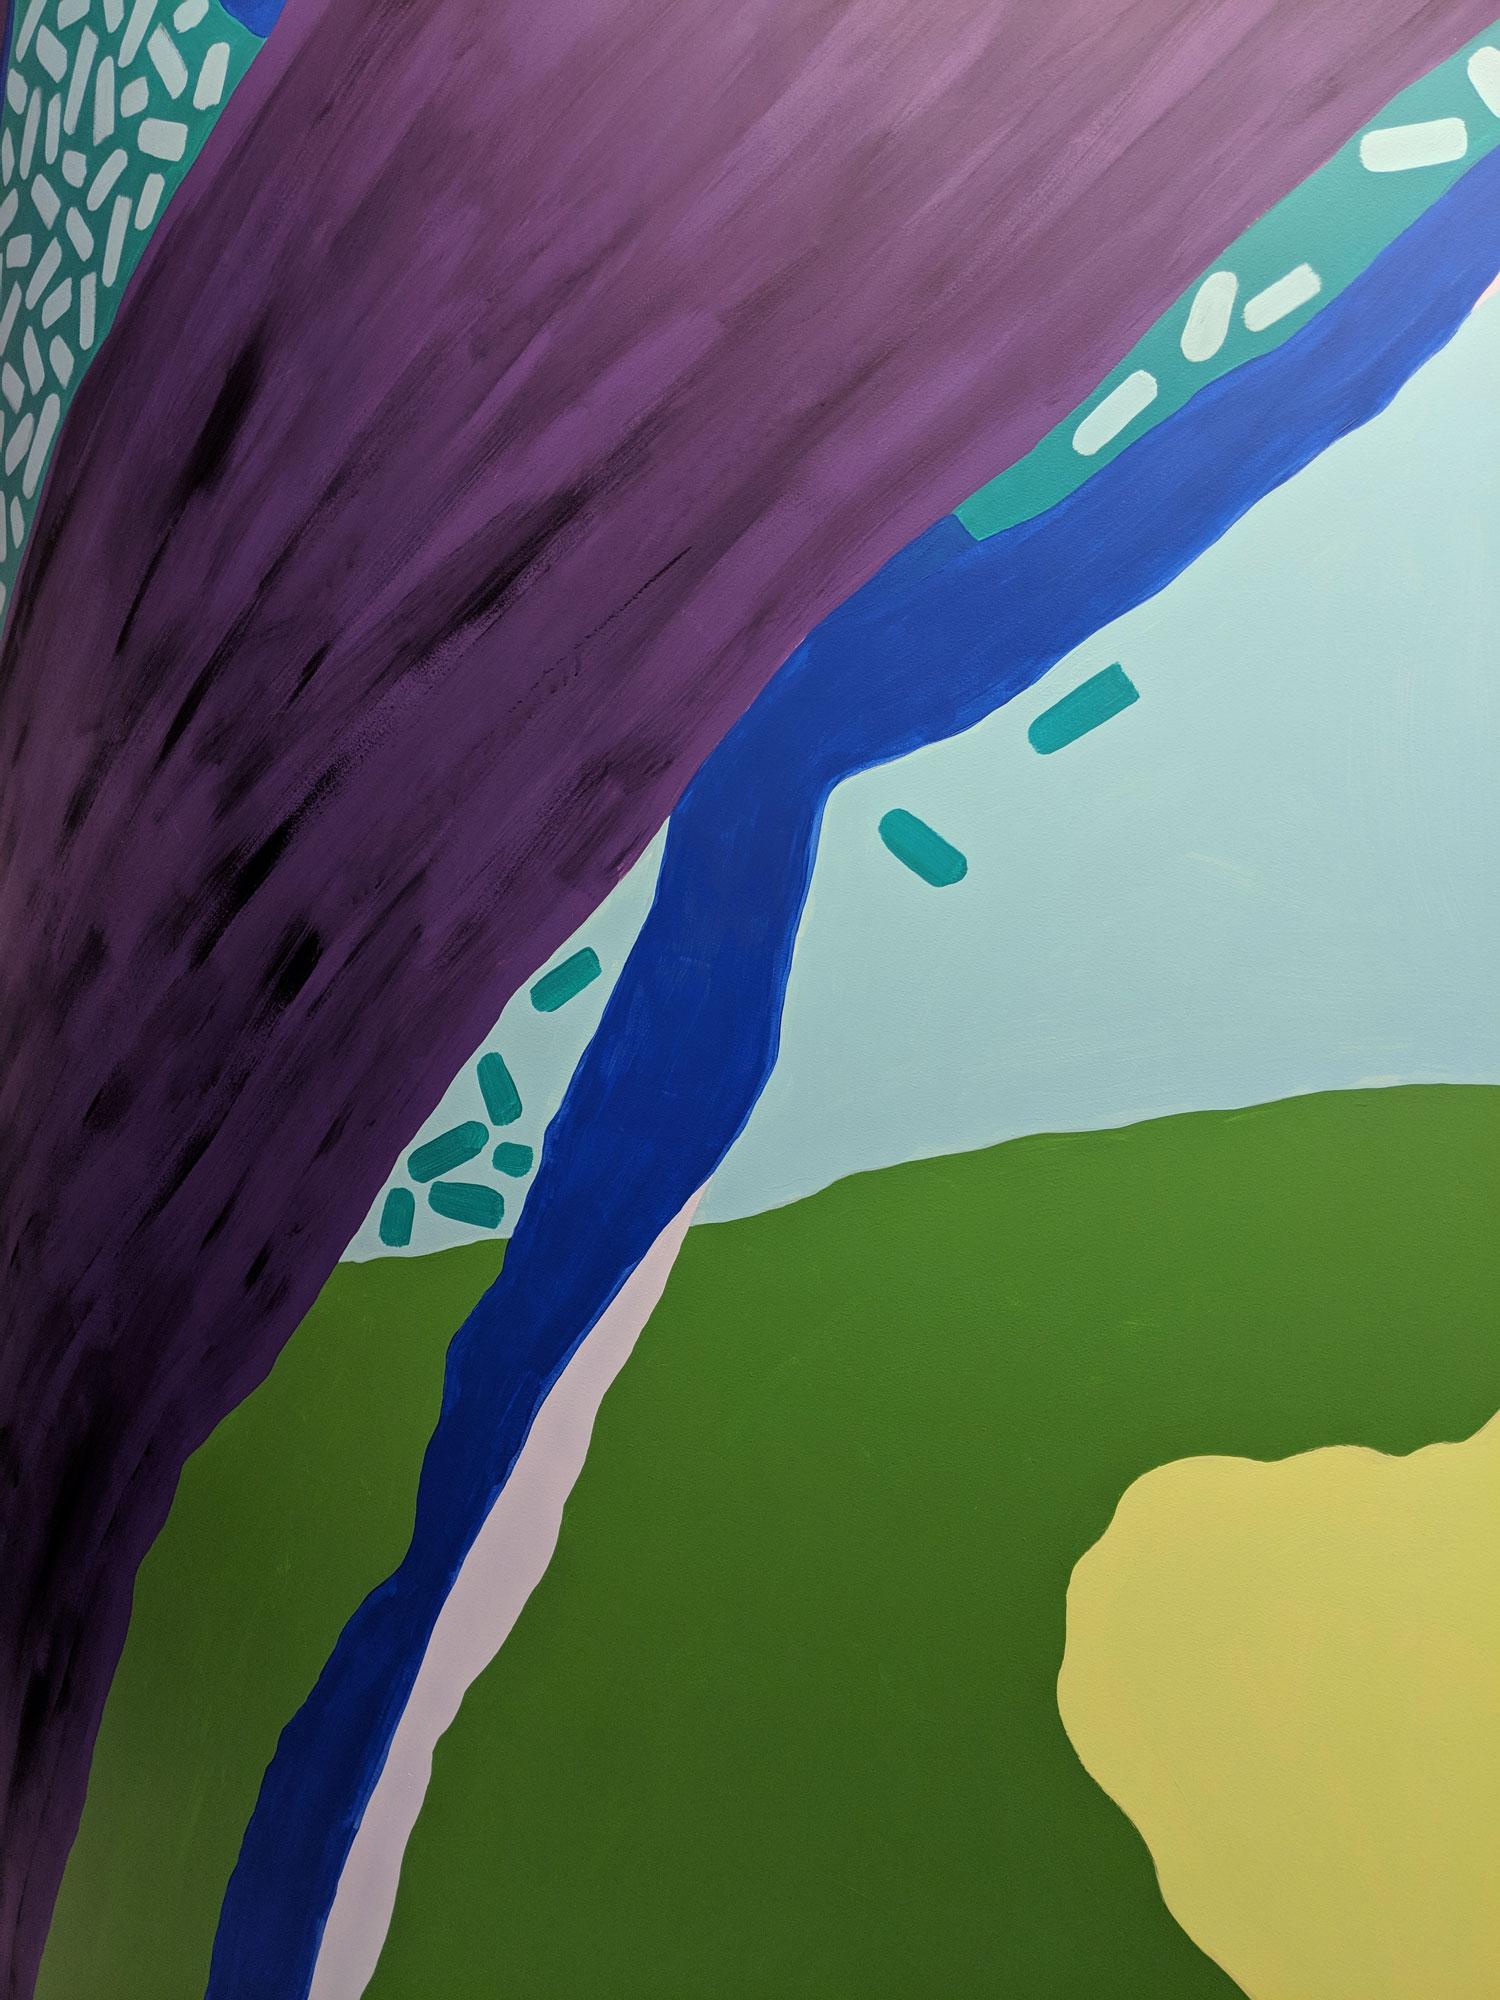 mural_1.jpg